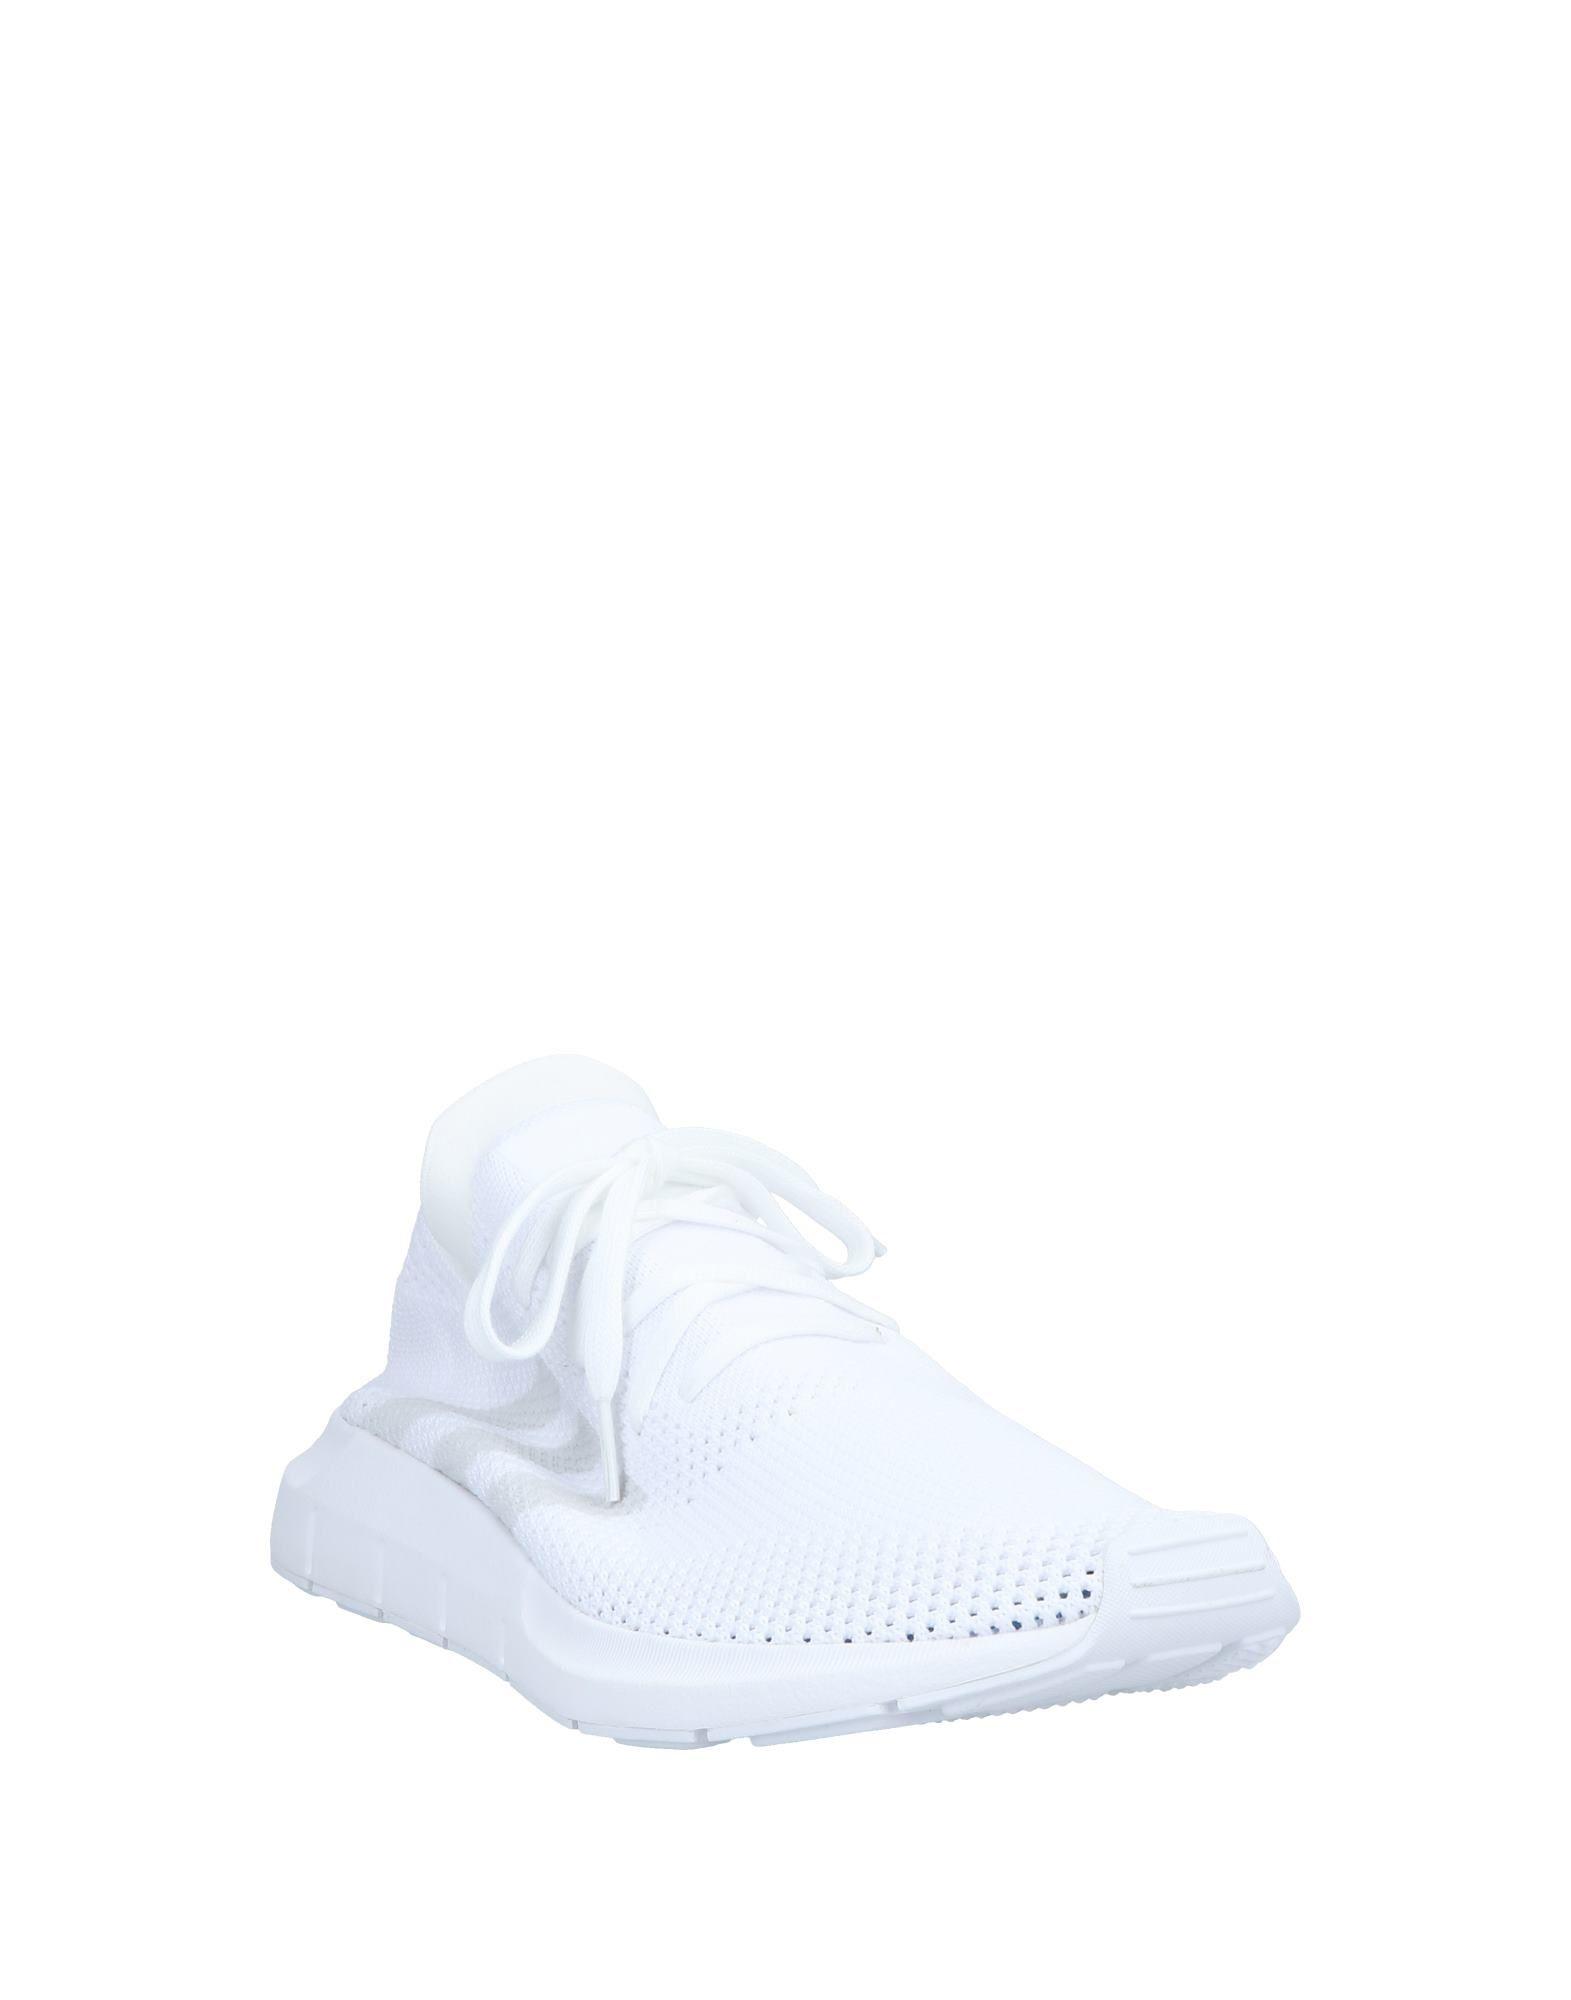 Adidas Gutes Originals Sneakers Herren Gutes Adidas Preis-Leistungs-Verhältnis, es lohnt sich 5957fb